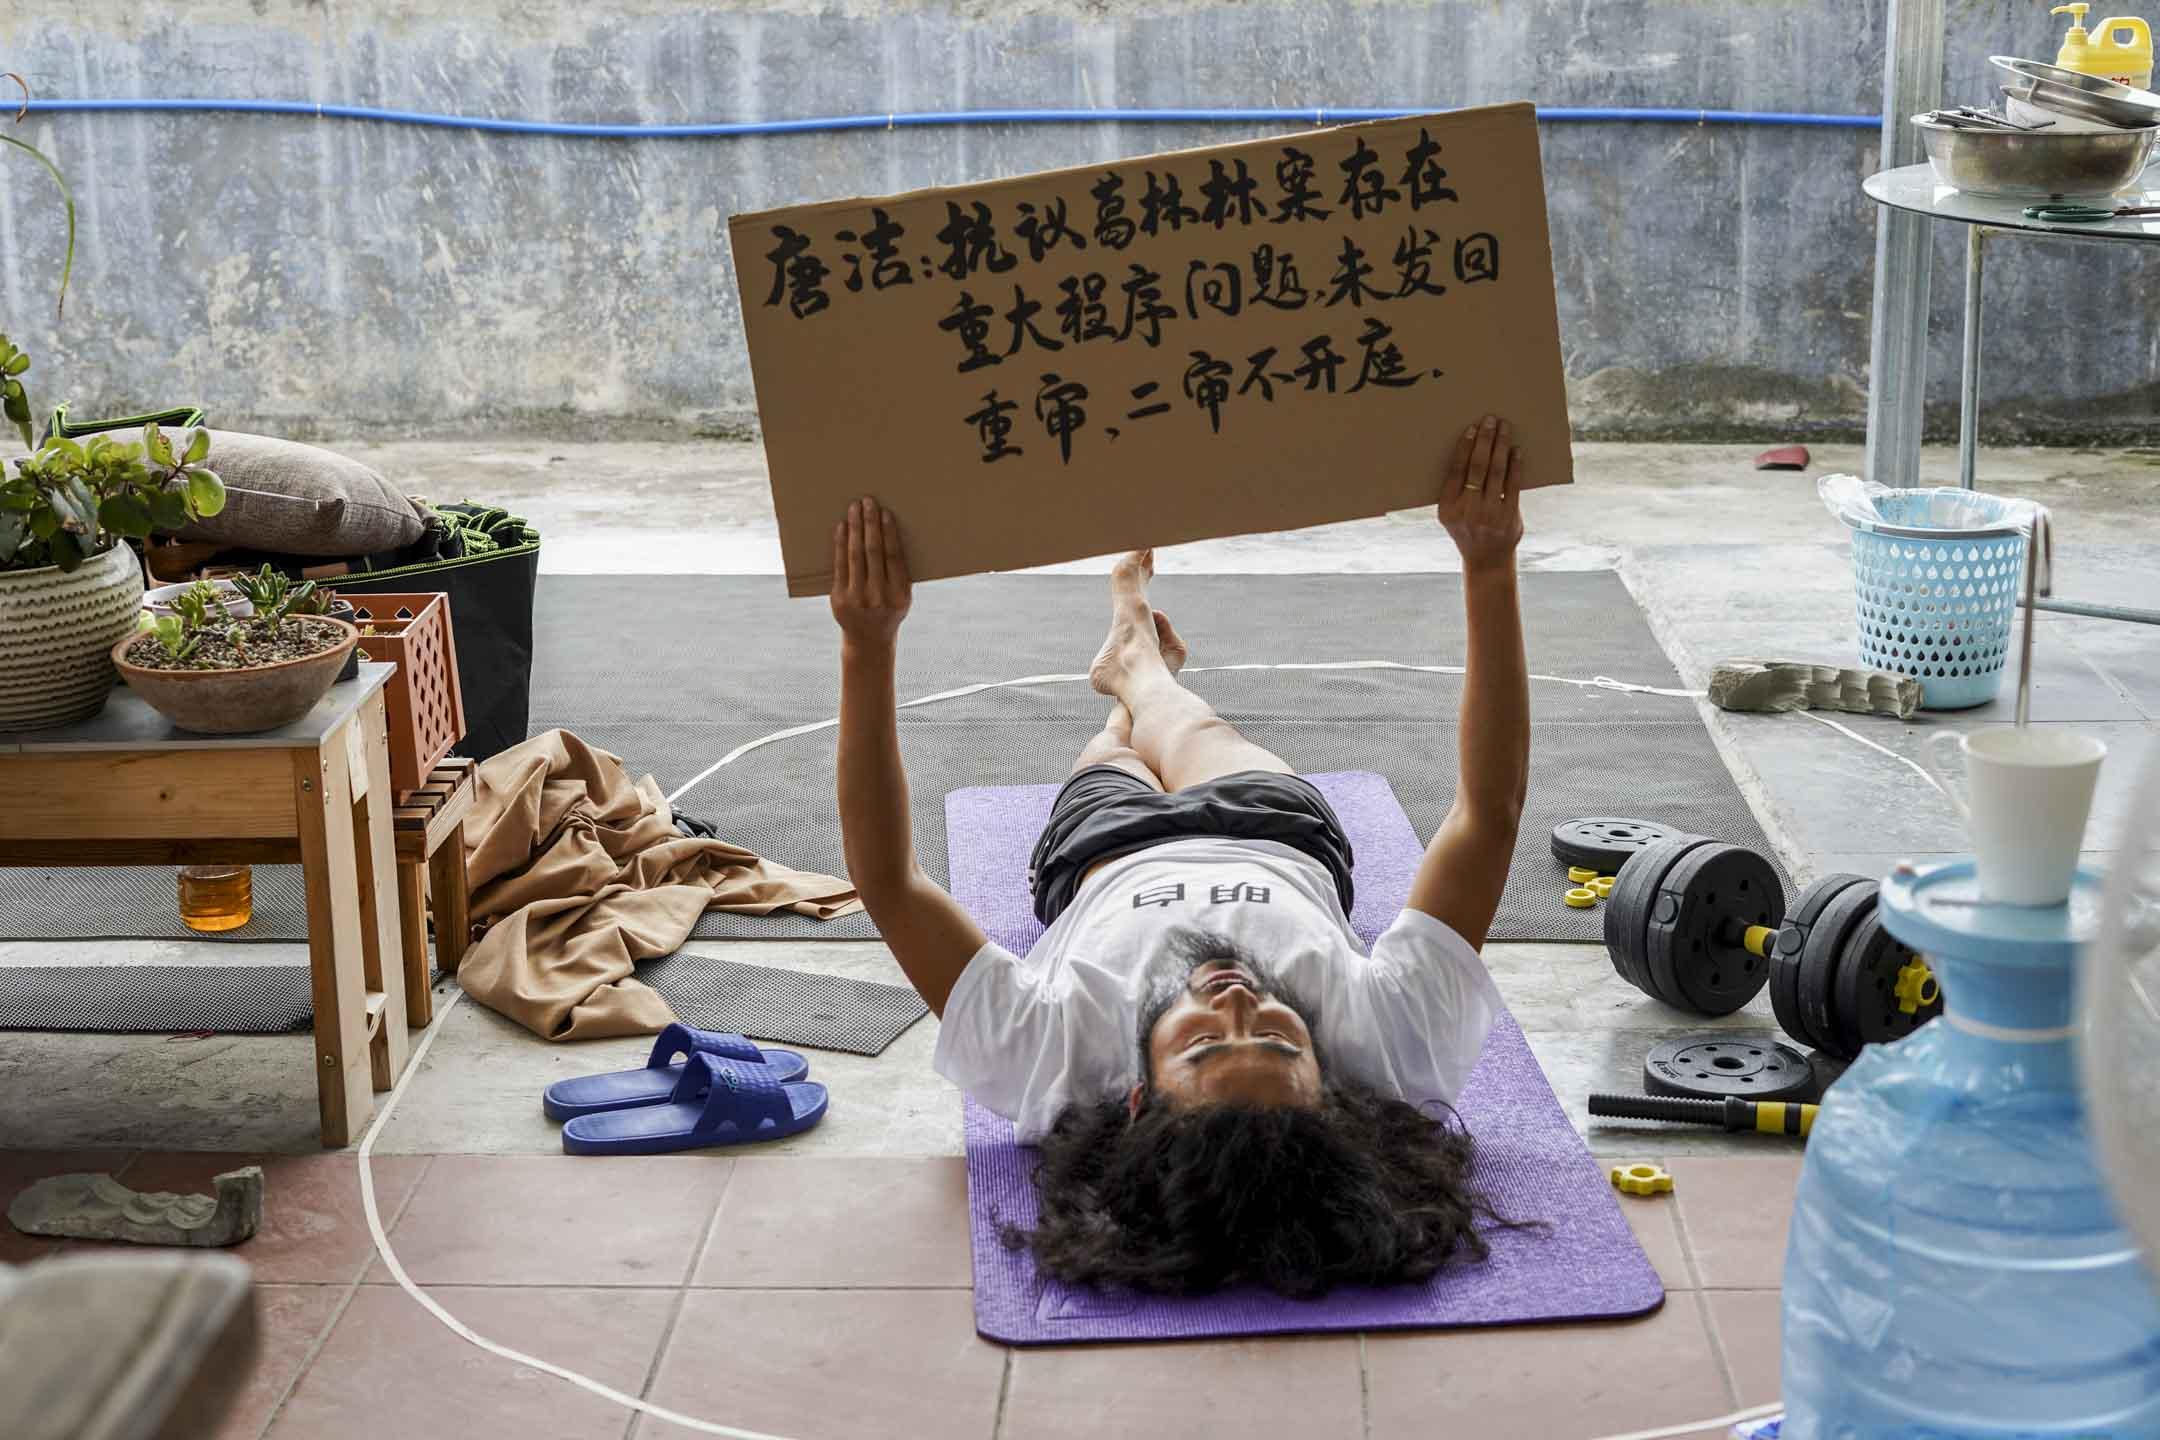 紀錄片導演張奇在廣州一個朋友家的朋友家屋頂畫地為牢。